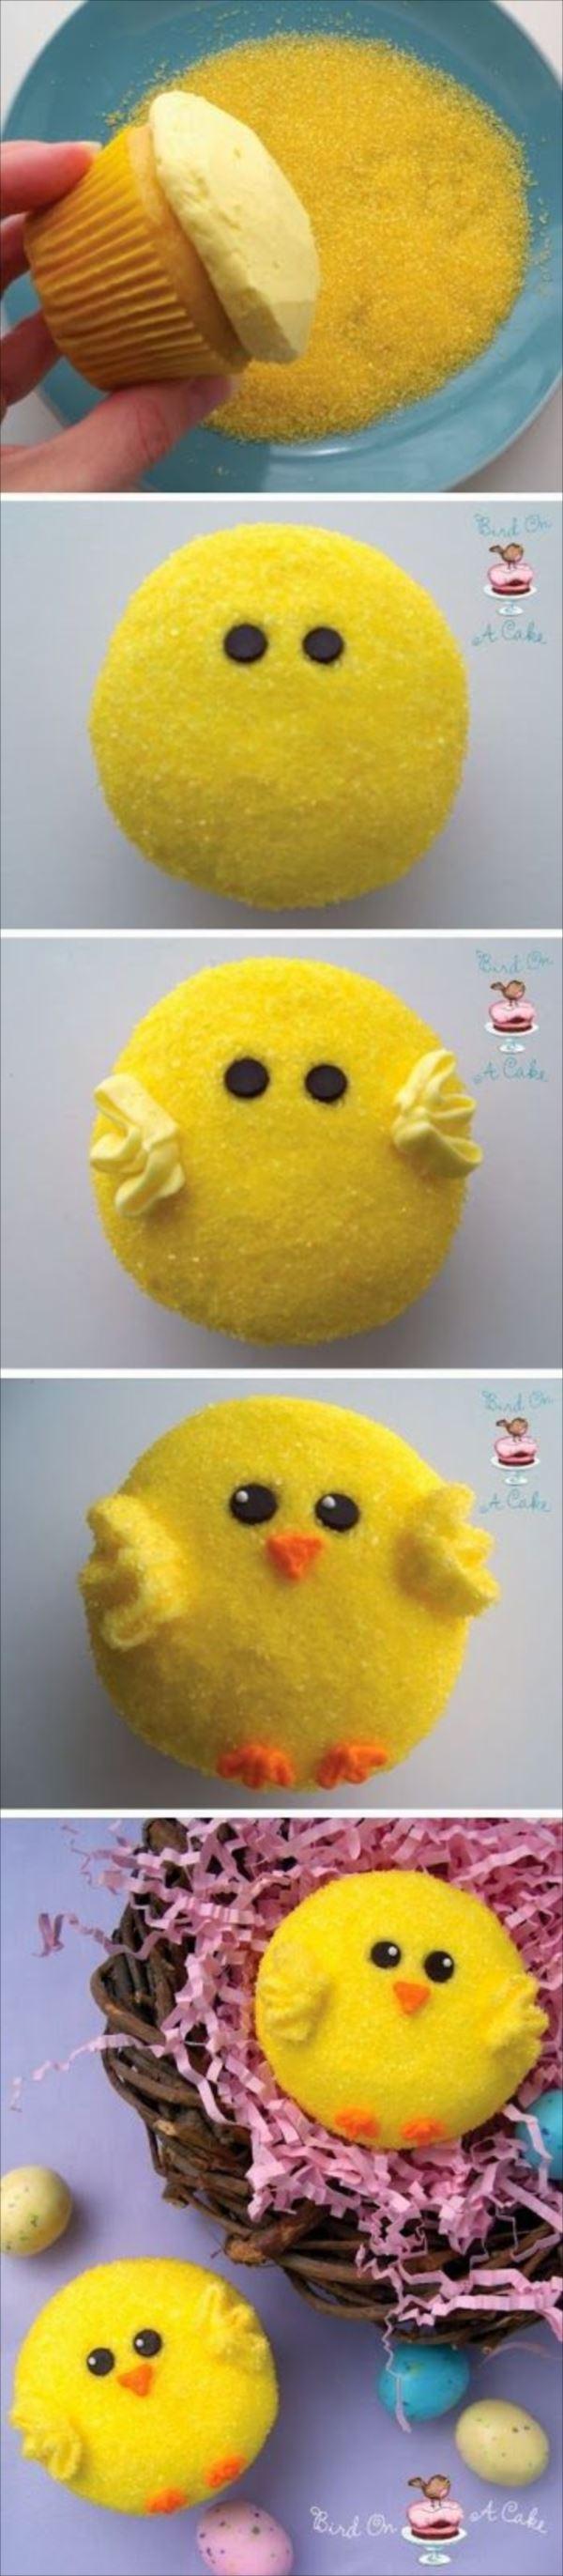 アイディア豊かなカップケーキ 46